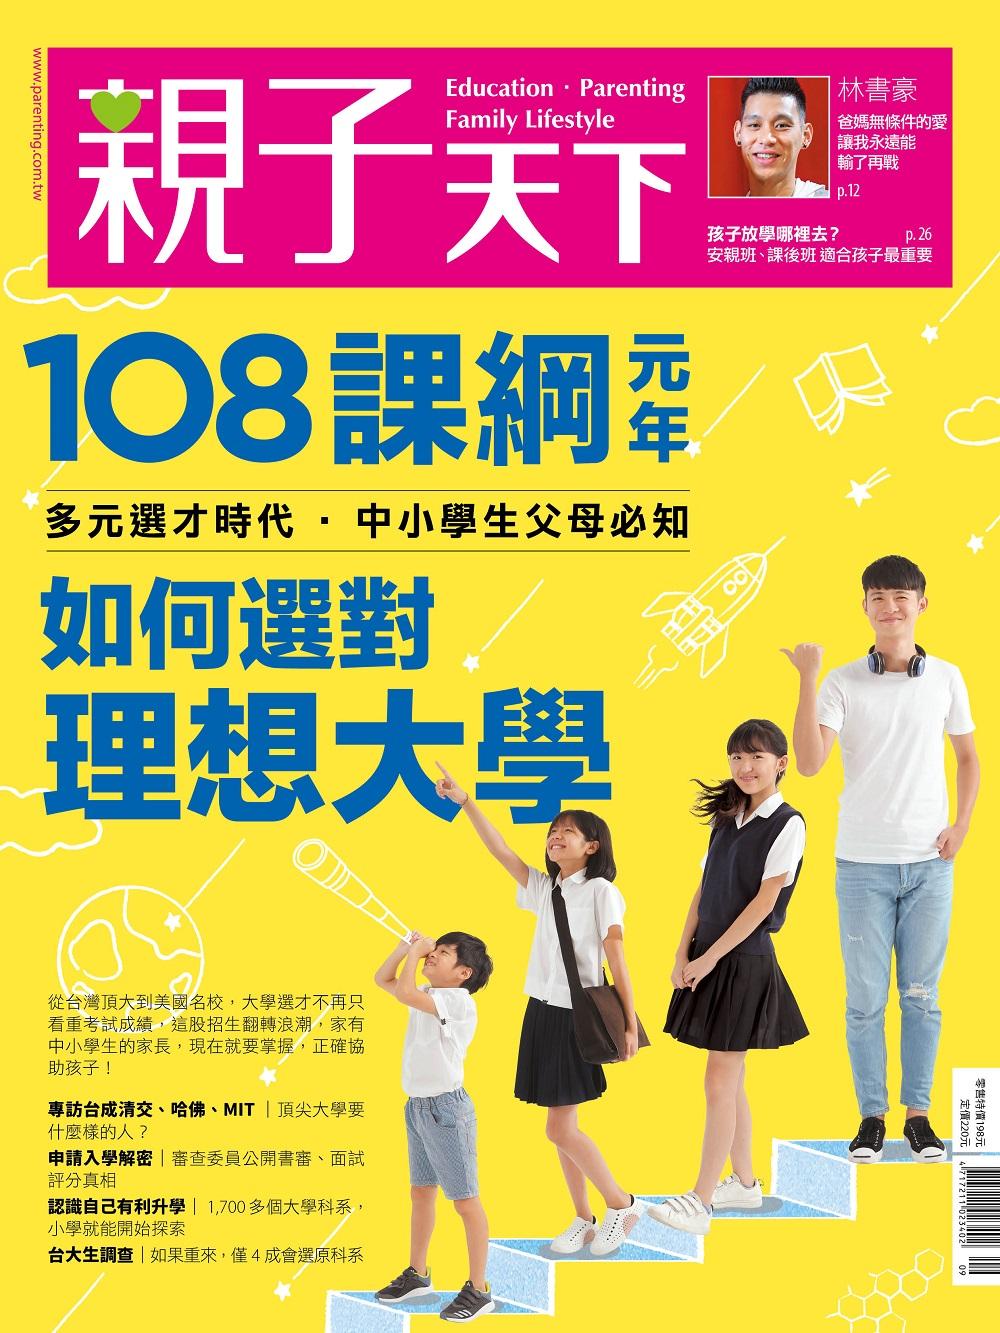 親子天下一年6期+2期 + 青林5G智能學習寶第一輯:啟蒙版 + 進階版 + 強化版